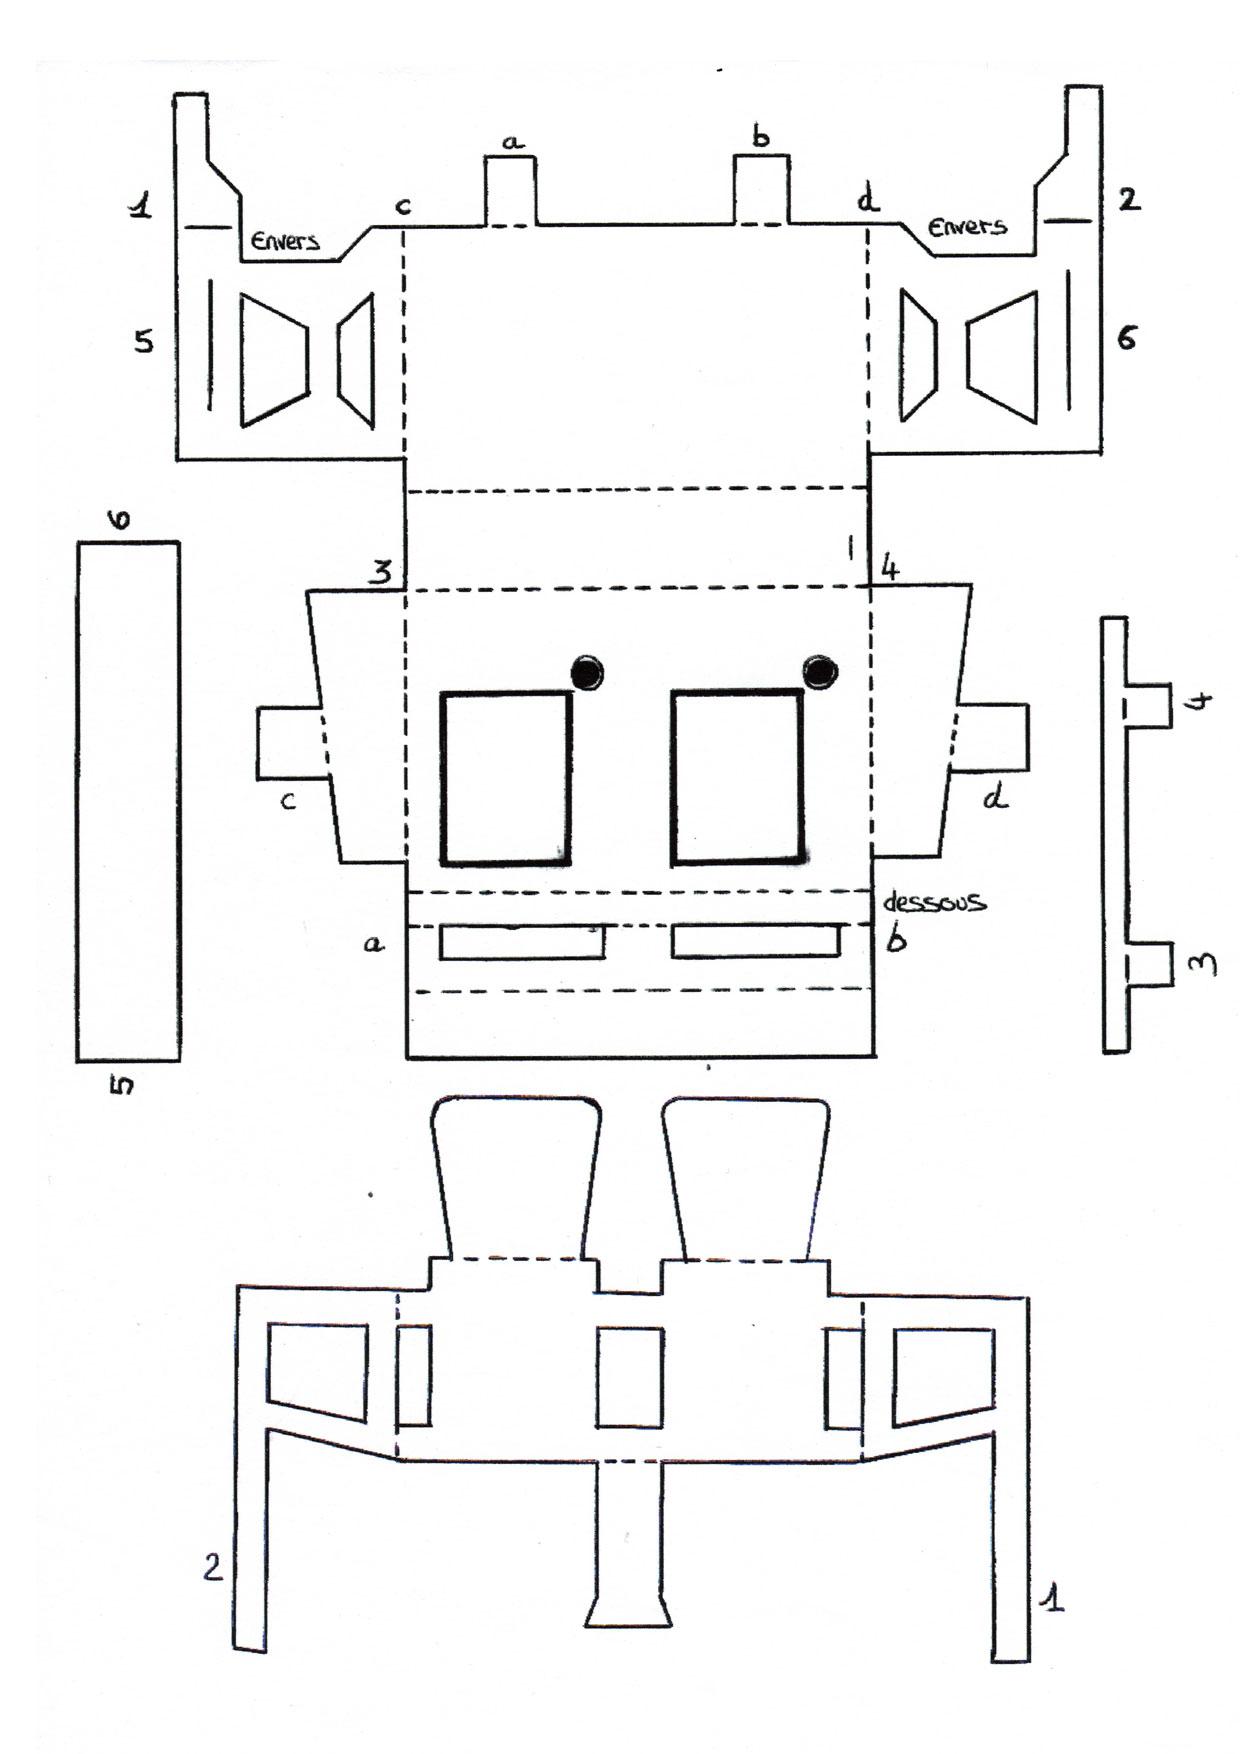 Découpages À Imprimer - Musée De La Tour Nivelle destiné Decoupage A Imprimer Gratuit